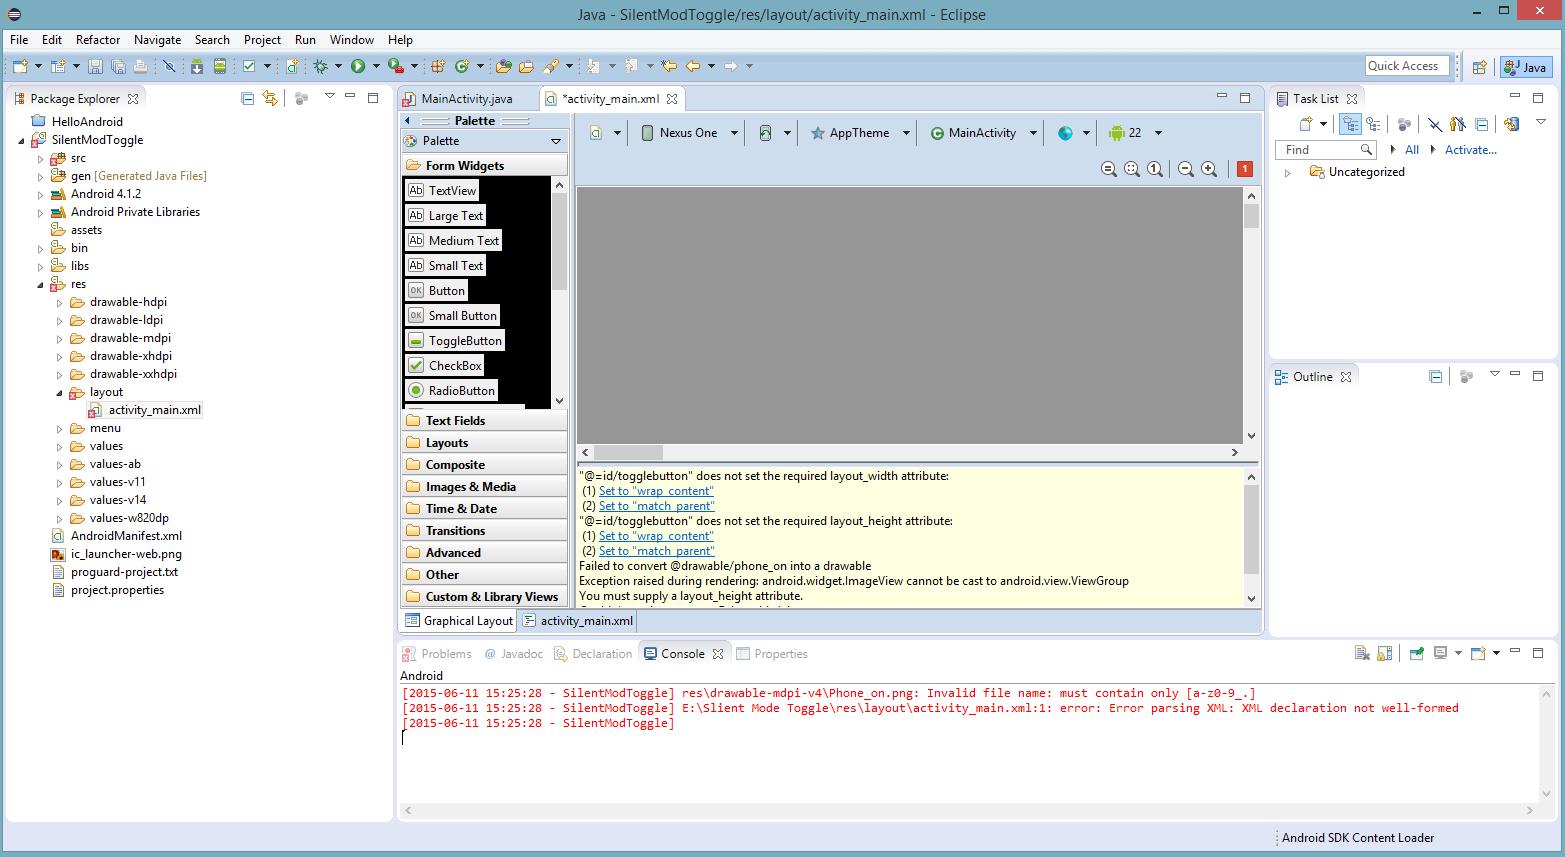 pjis_screenshot_(27).png